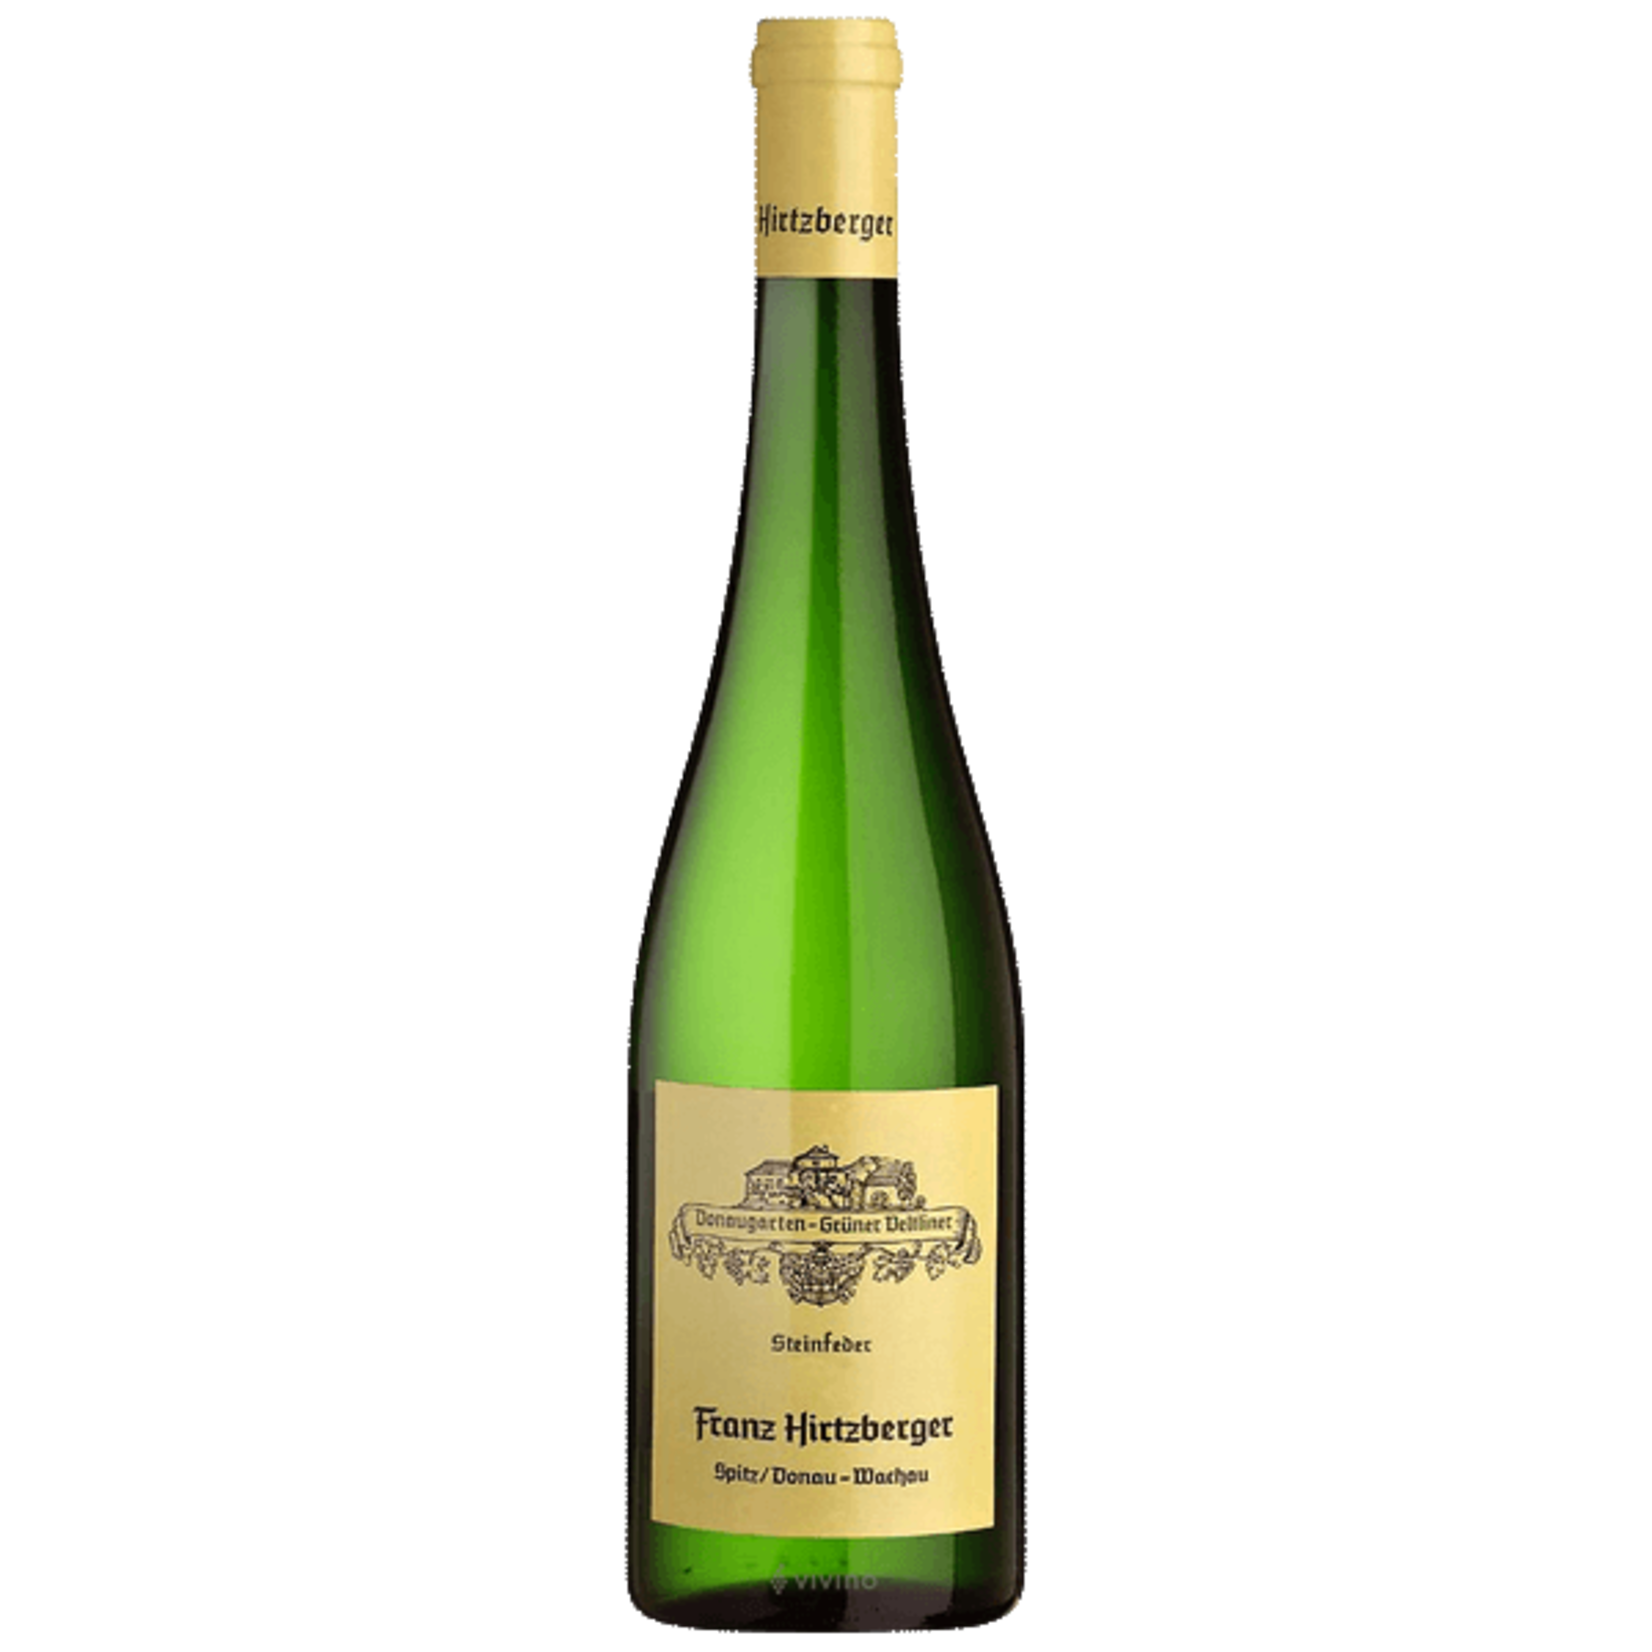 Wine Weingut Franz Hirtzberger Wachau Gruner Veltliner Spitz Steinfeder 2018